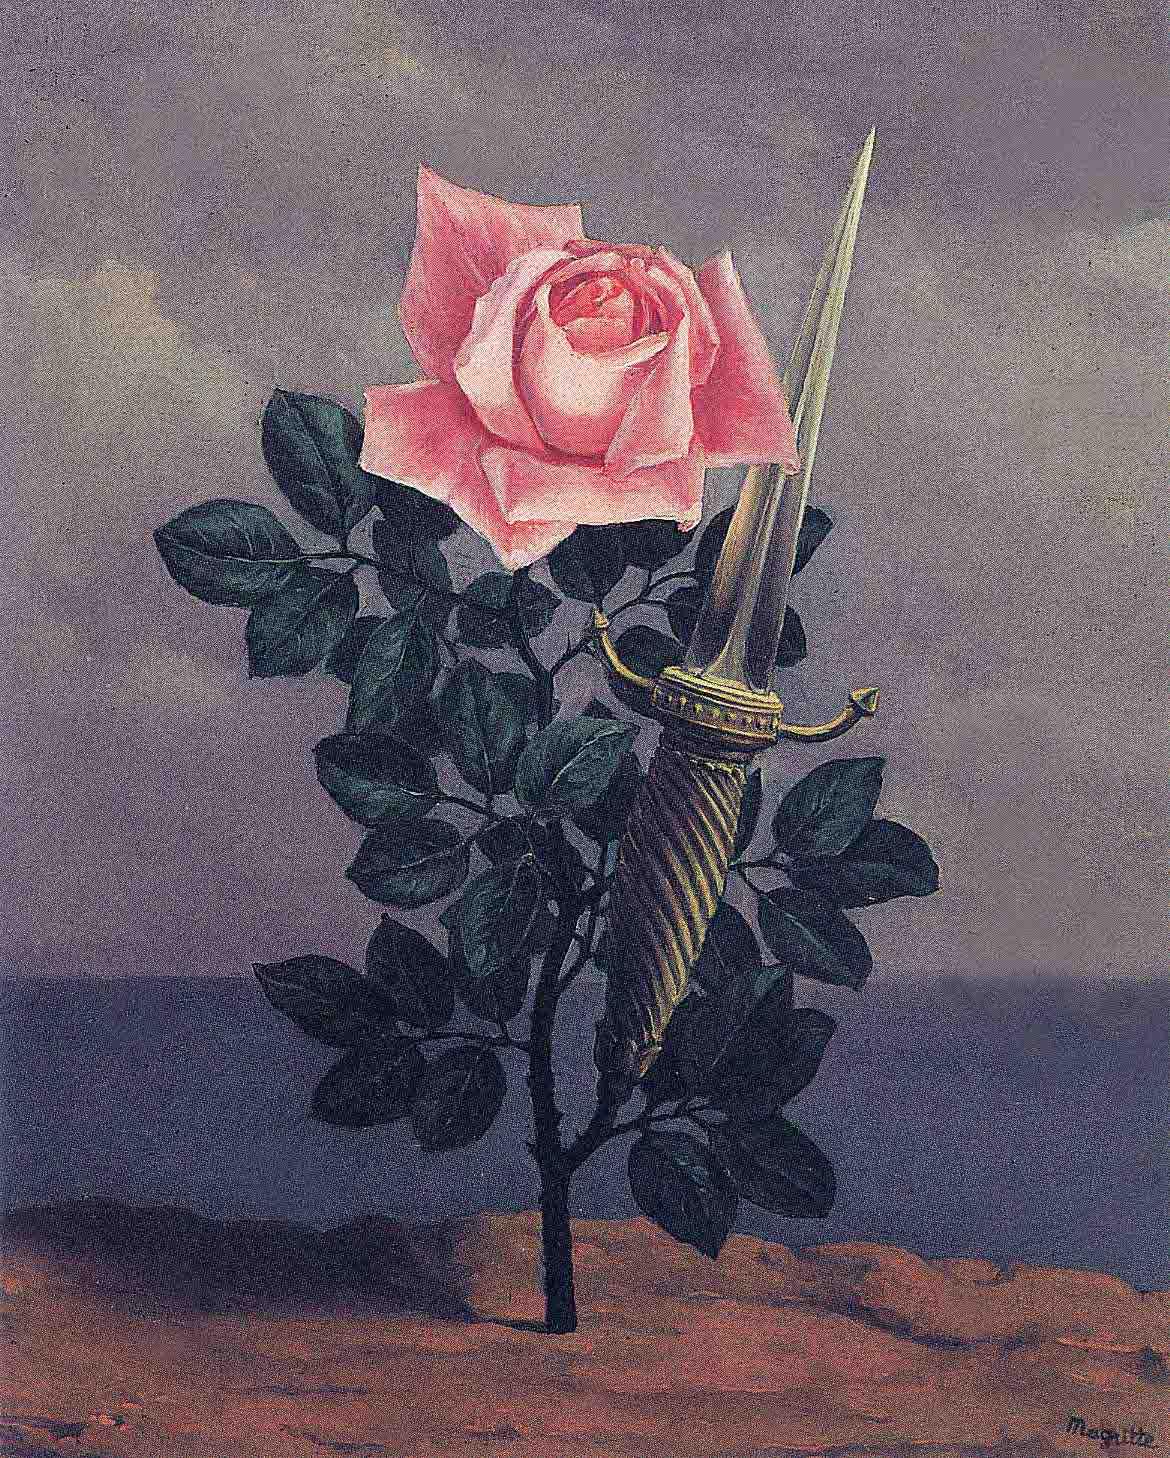 Le Coup au coeur (Удар в сердце), Рене Магритт, сюрреалистические картины